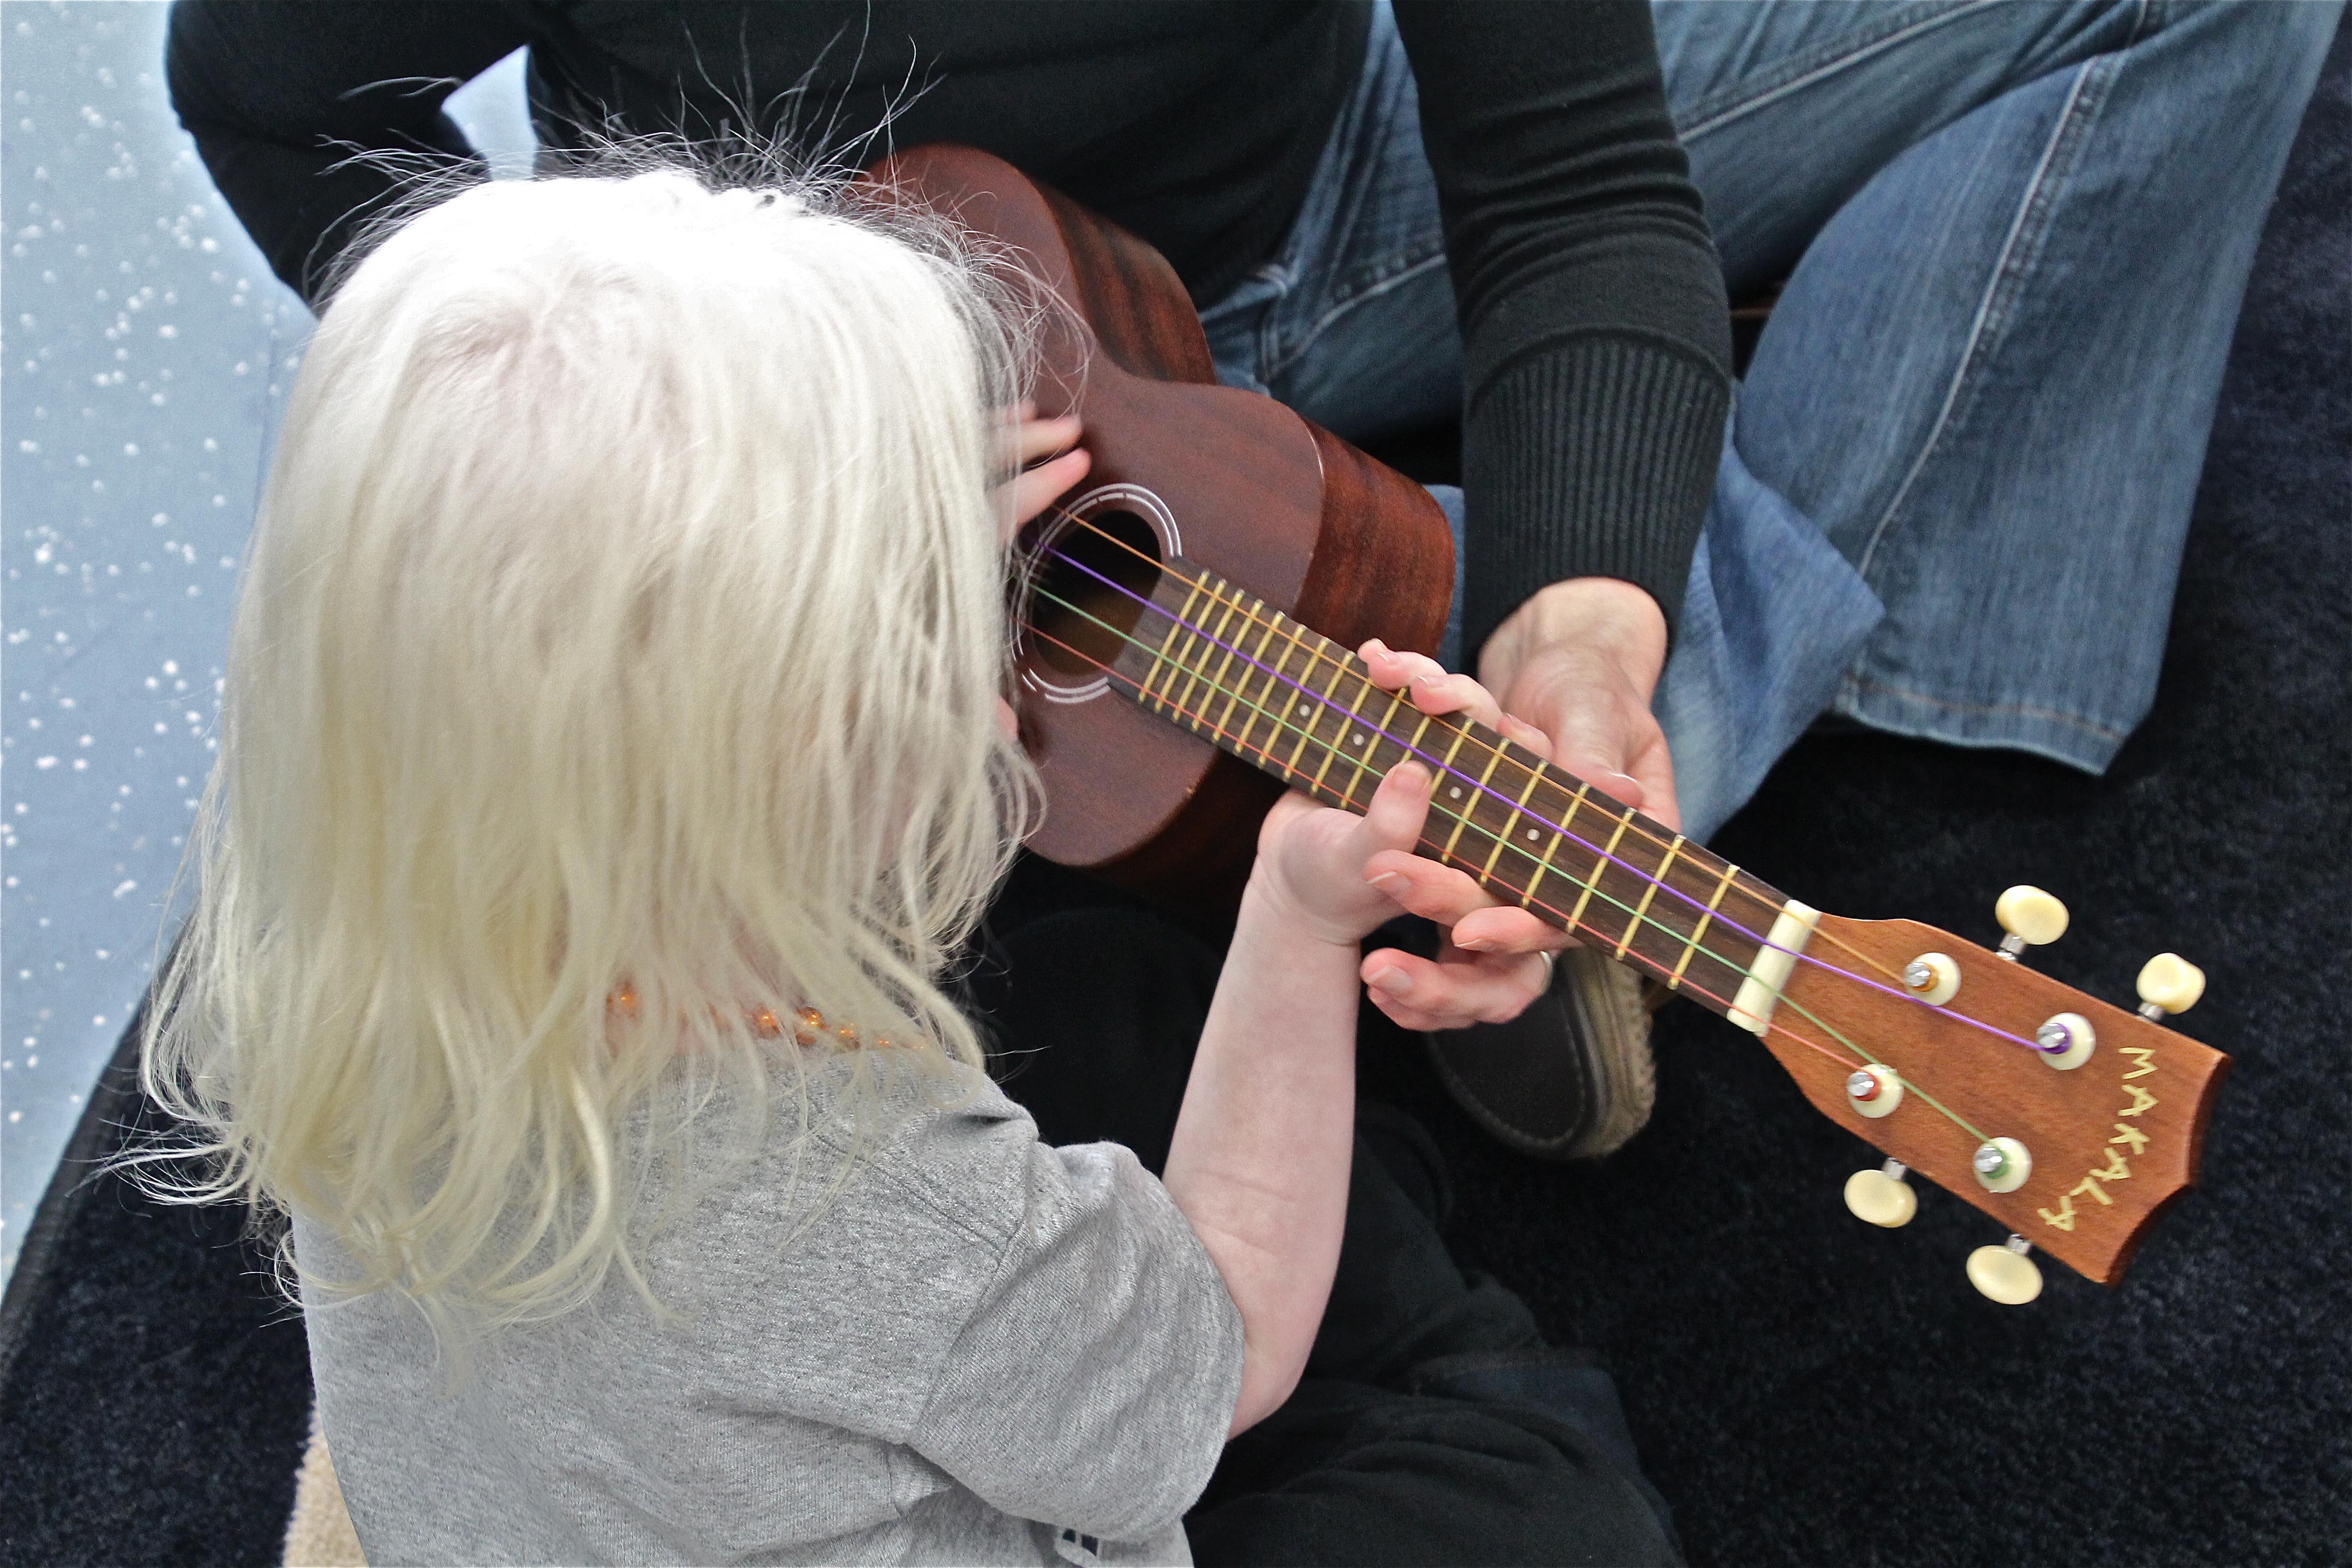 ukulele sharing